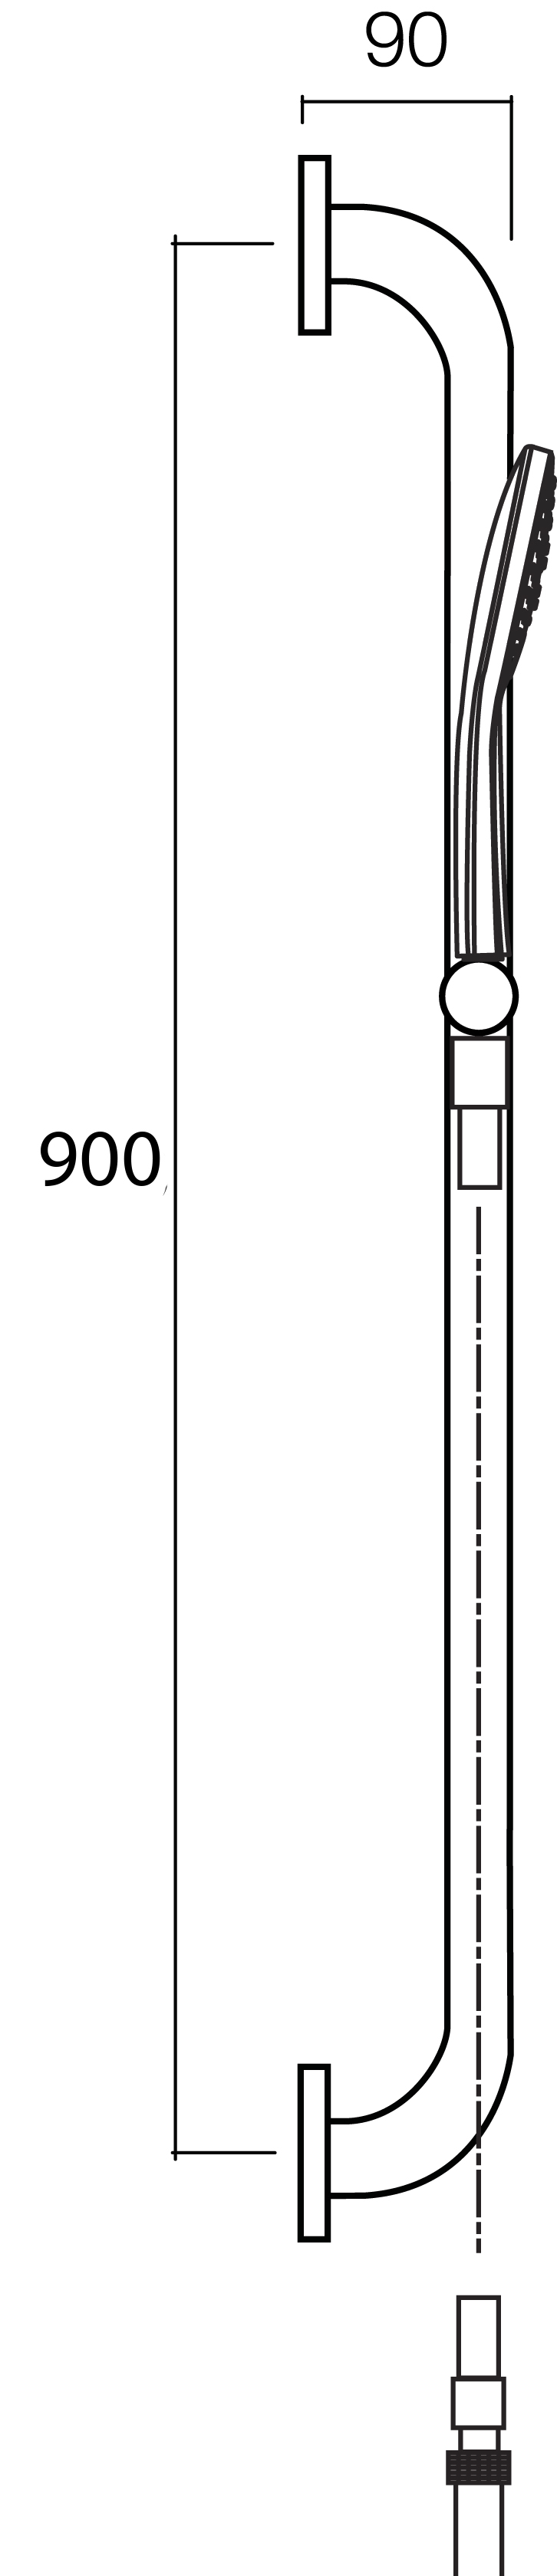 HansaViva Classic 1000 Grab Rail Set WELS 4 Star / 7.5Lpm